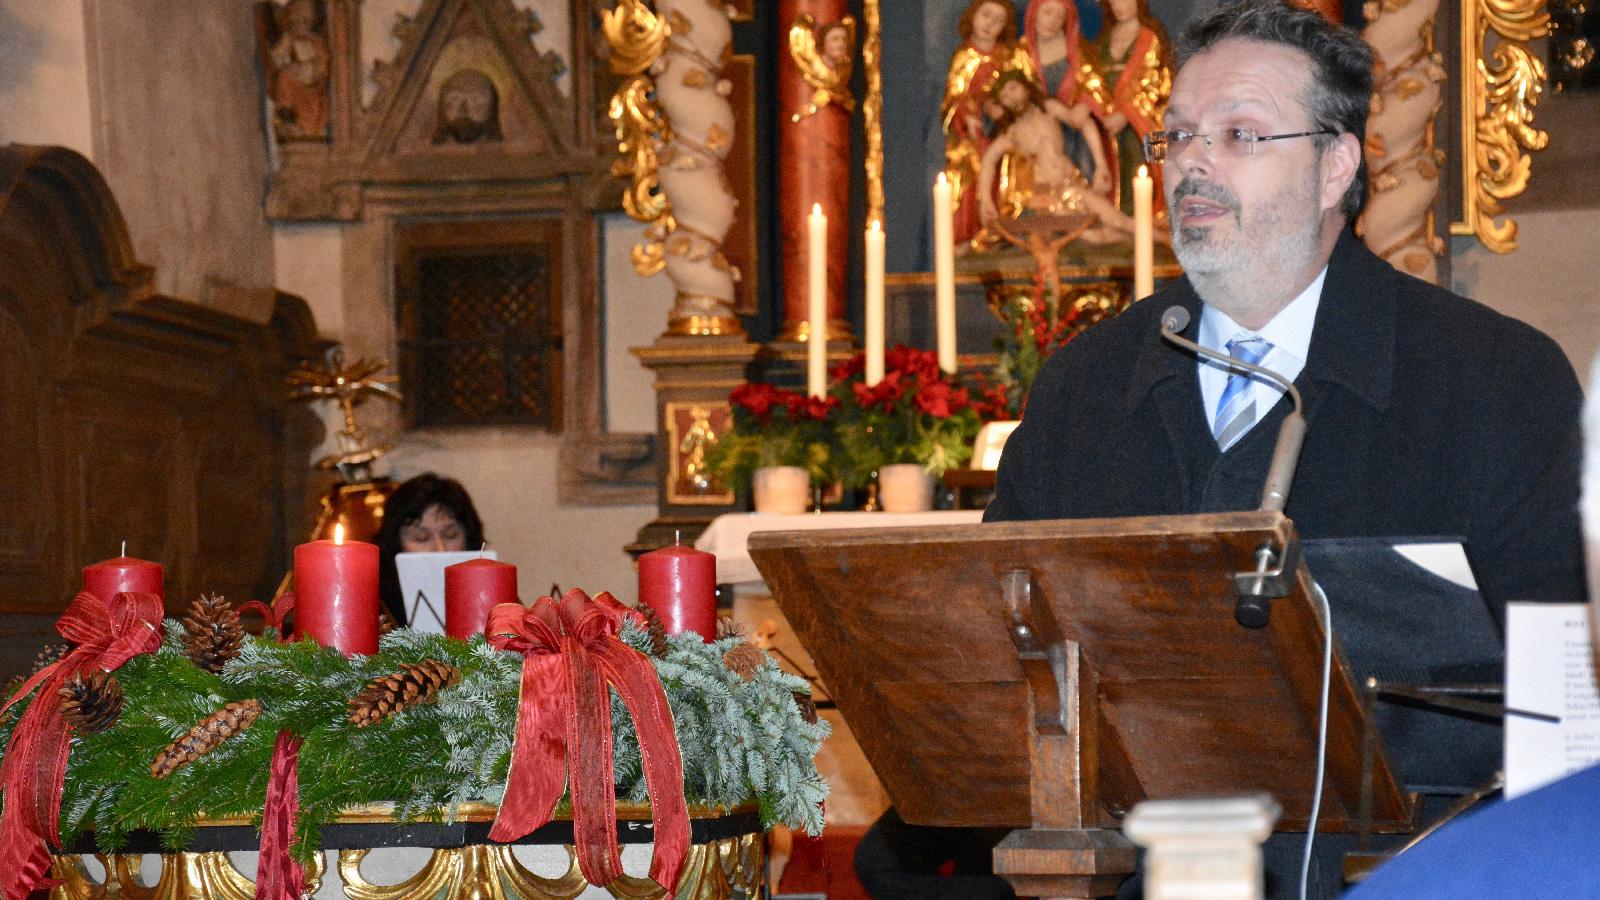 Thomas Viewegh las Geschichten und Gedichte bekannter und weniger bekannter Autoren, die zum Nachdenken anregten, aber auch weihnachtliche Freude zum Ausdruck brachten.